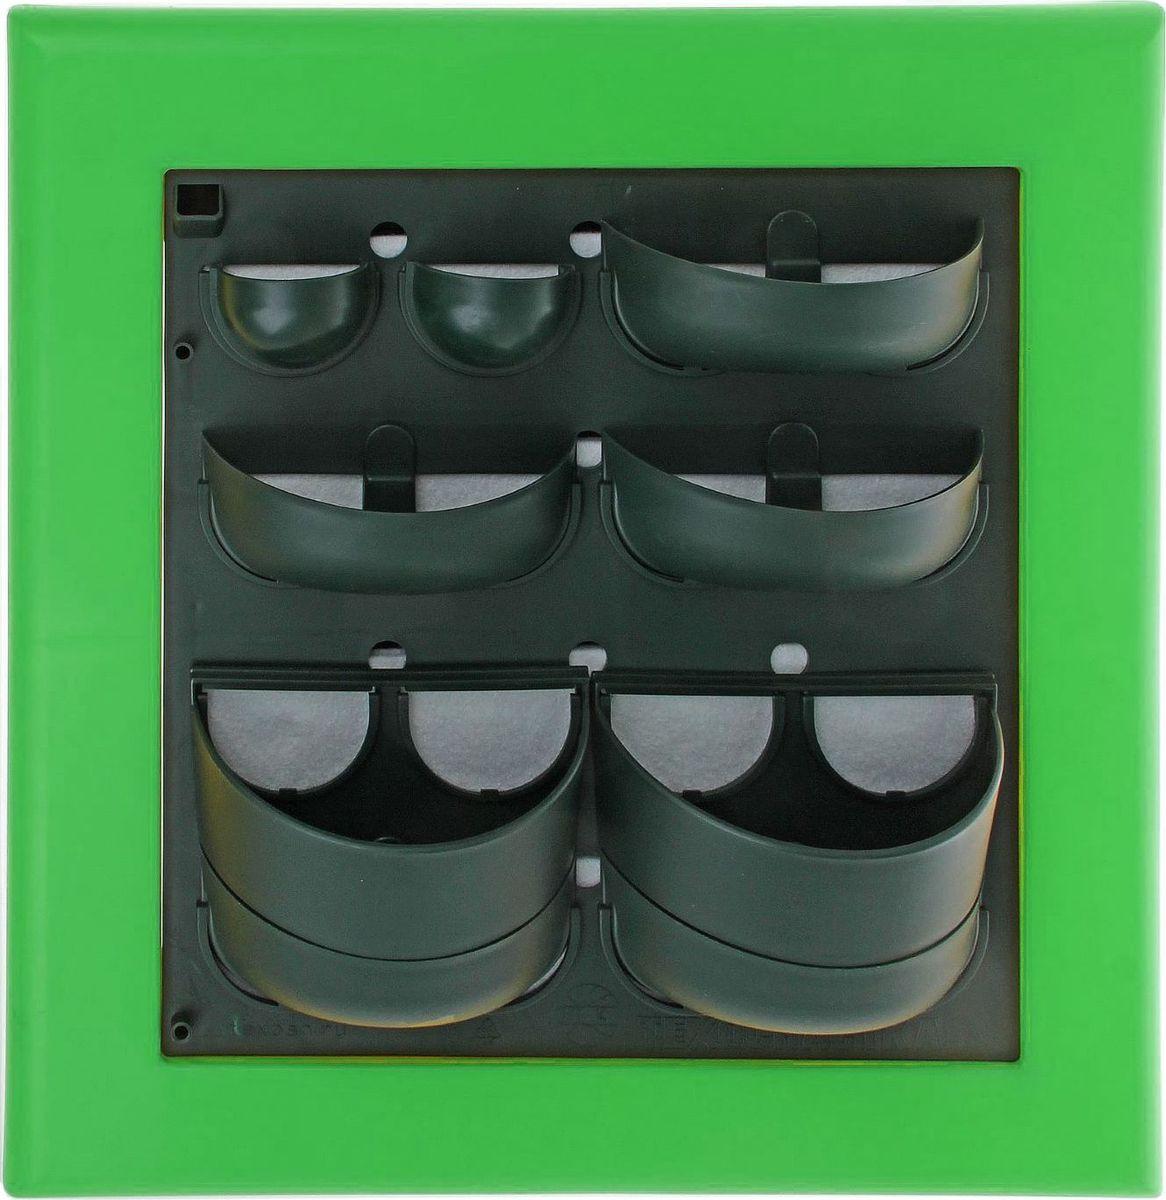 Кашпо Техоснастка Фитокартина, настенное, цвет: зеленый, 59 х 58 х 13 см1533688Любой, даже самый современный и продуманный интерьер не будет выглядеть завершённым без растений. Они не только очищают воздух и насыщают кислородом, но и заметно украшают окружающее пространство. Такому полезному &laquo члену семьи&raquoпросто необходим красивый и функциональный &laquo дом&raquo . Наше предложение &mdashфитокартина! Благодаря съёмным блокам-кашпо вы сможете создать любую композицию на свой вкус. Как собирать? Распакуйте фитопанель, подготовьте необходимое количество растений.Возьмите маленький горшок и разместите в нем водопроводящий картридж (входит в комплект).Разместите подходящее по размеру растение в горшке.Поместите картридж с растением между передней частью панели и капиллярным матом.Закрепите горшок с растением на фитомодуле.Вставив в каждую выемку картридж, закрепите на фитомодуле нижнюю часть большого горшка.Затем так же закрепите верхнюю часть большого горшка строго над нижней.Посадите в большой горшок выбранное растение. Ваша фитокартина готова!Фотоинструкция.Рекомендации по поливу Вставьте в левый нижний угол водоотводящую трубку. Медленно заливайте воду в панно через поливочное отверстие. Как только она покажется в трубке, прекратите полив. Опустив трубку вниз, можно слить ненужную жидкость обратно в лейку. Уберите трубку до следующего орошения. Режим полива зависит от температуры и влажности в помещении, состава грунта, интенсивности освещения, возраста и типа растения и многих других факторов. Частота может варьироваться от 2 до 4 недель. Чтобы растение легко прижилось в новом горшке, рекомендуем первые 3?4 недели производить полив не через трубку, а напрямую в грунт, используя лейку с узким носиком. Создавать красоту просто! Наполните свой дом прекрасными цветами, а мы позаботимся о низкой цене и высоком качестве от российского производителя.&nbsp